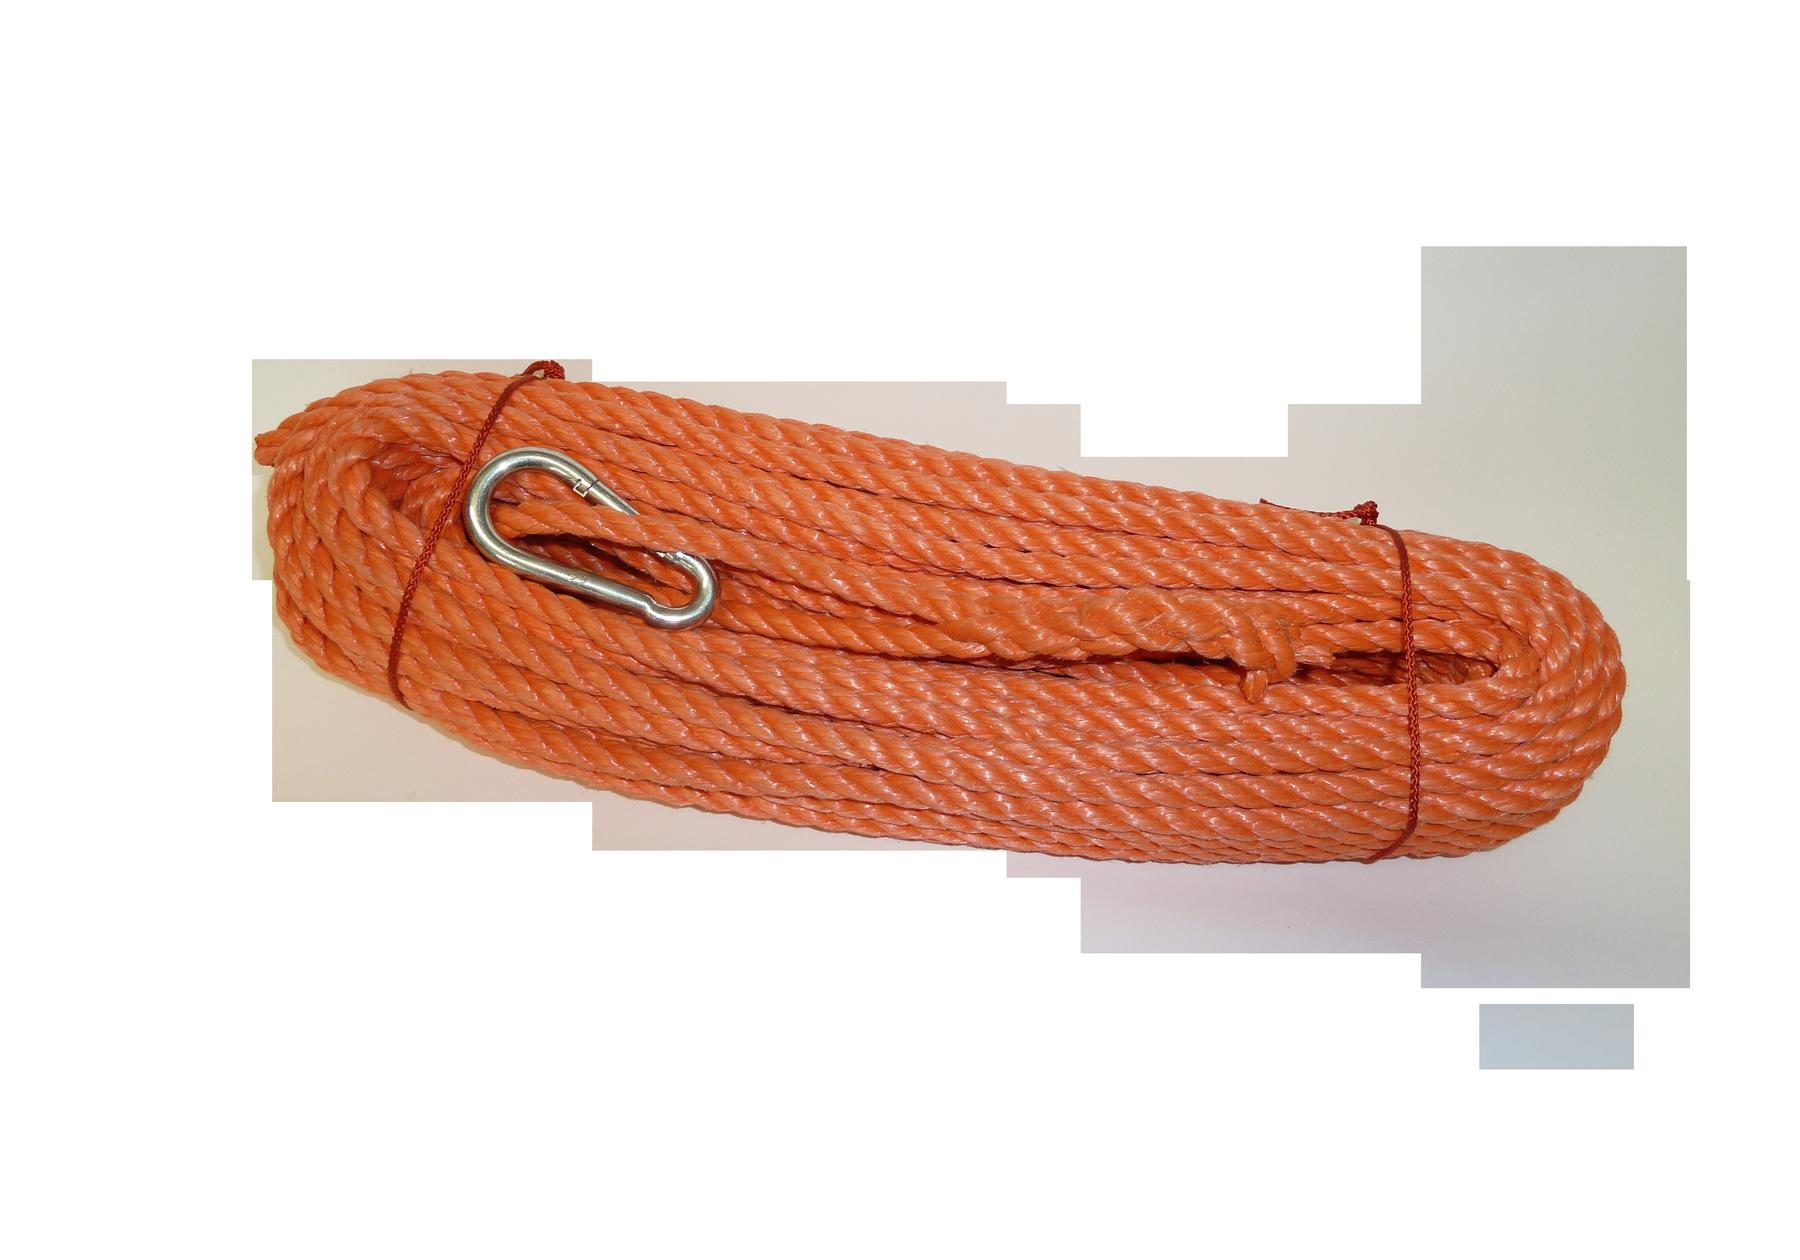 Manövrierleine / Manoveuring rope